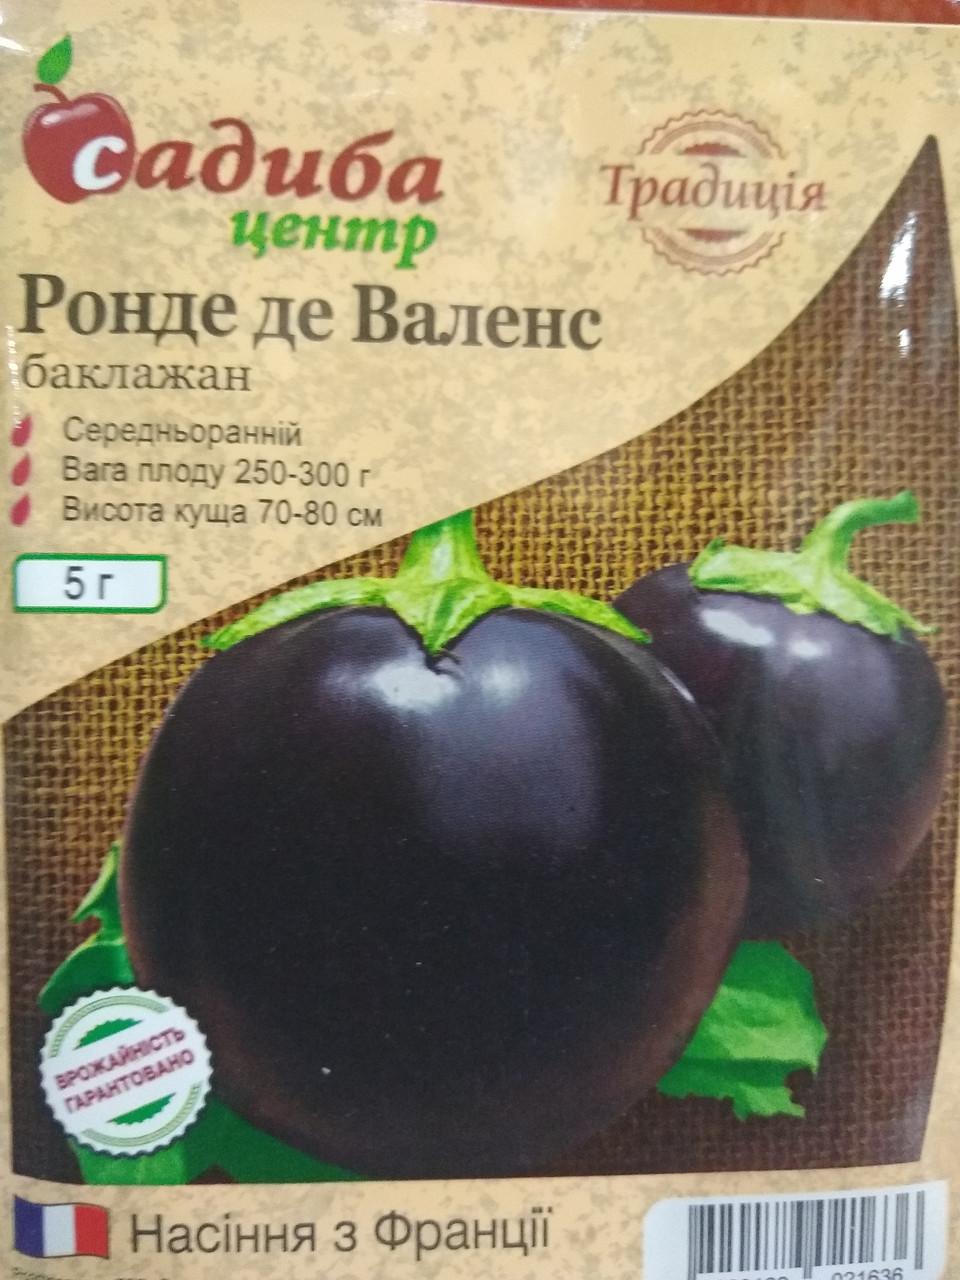 Насіння Баклажан середньоранній сорт Ронде де Валенс 5 грам упаковка Франція Садиба центр